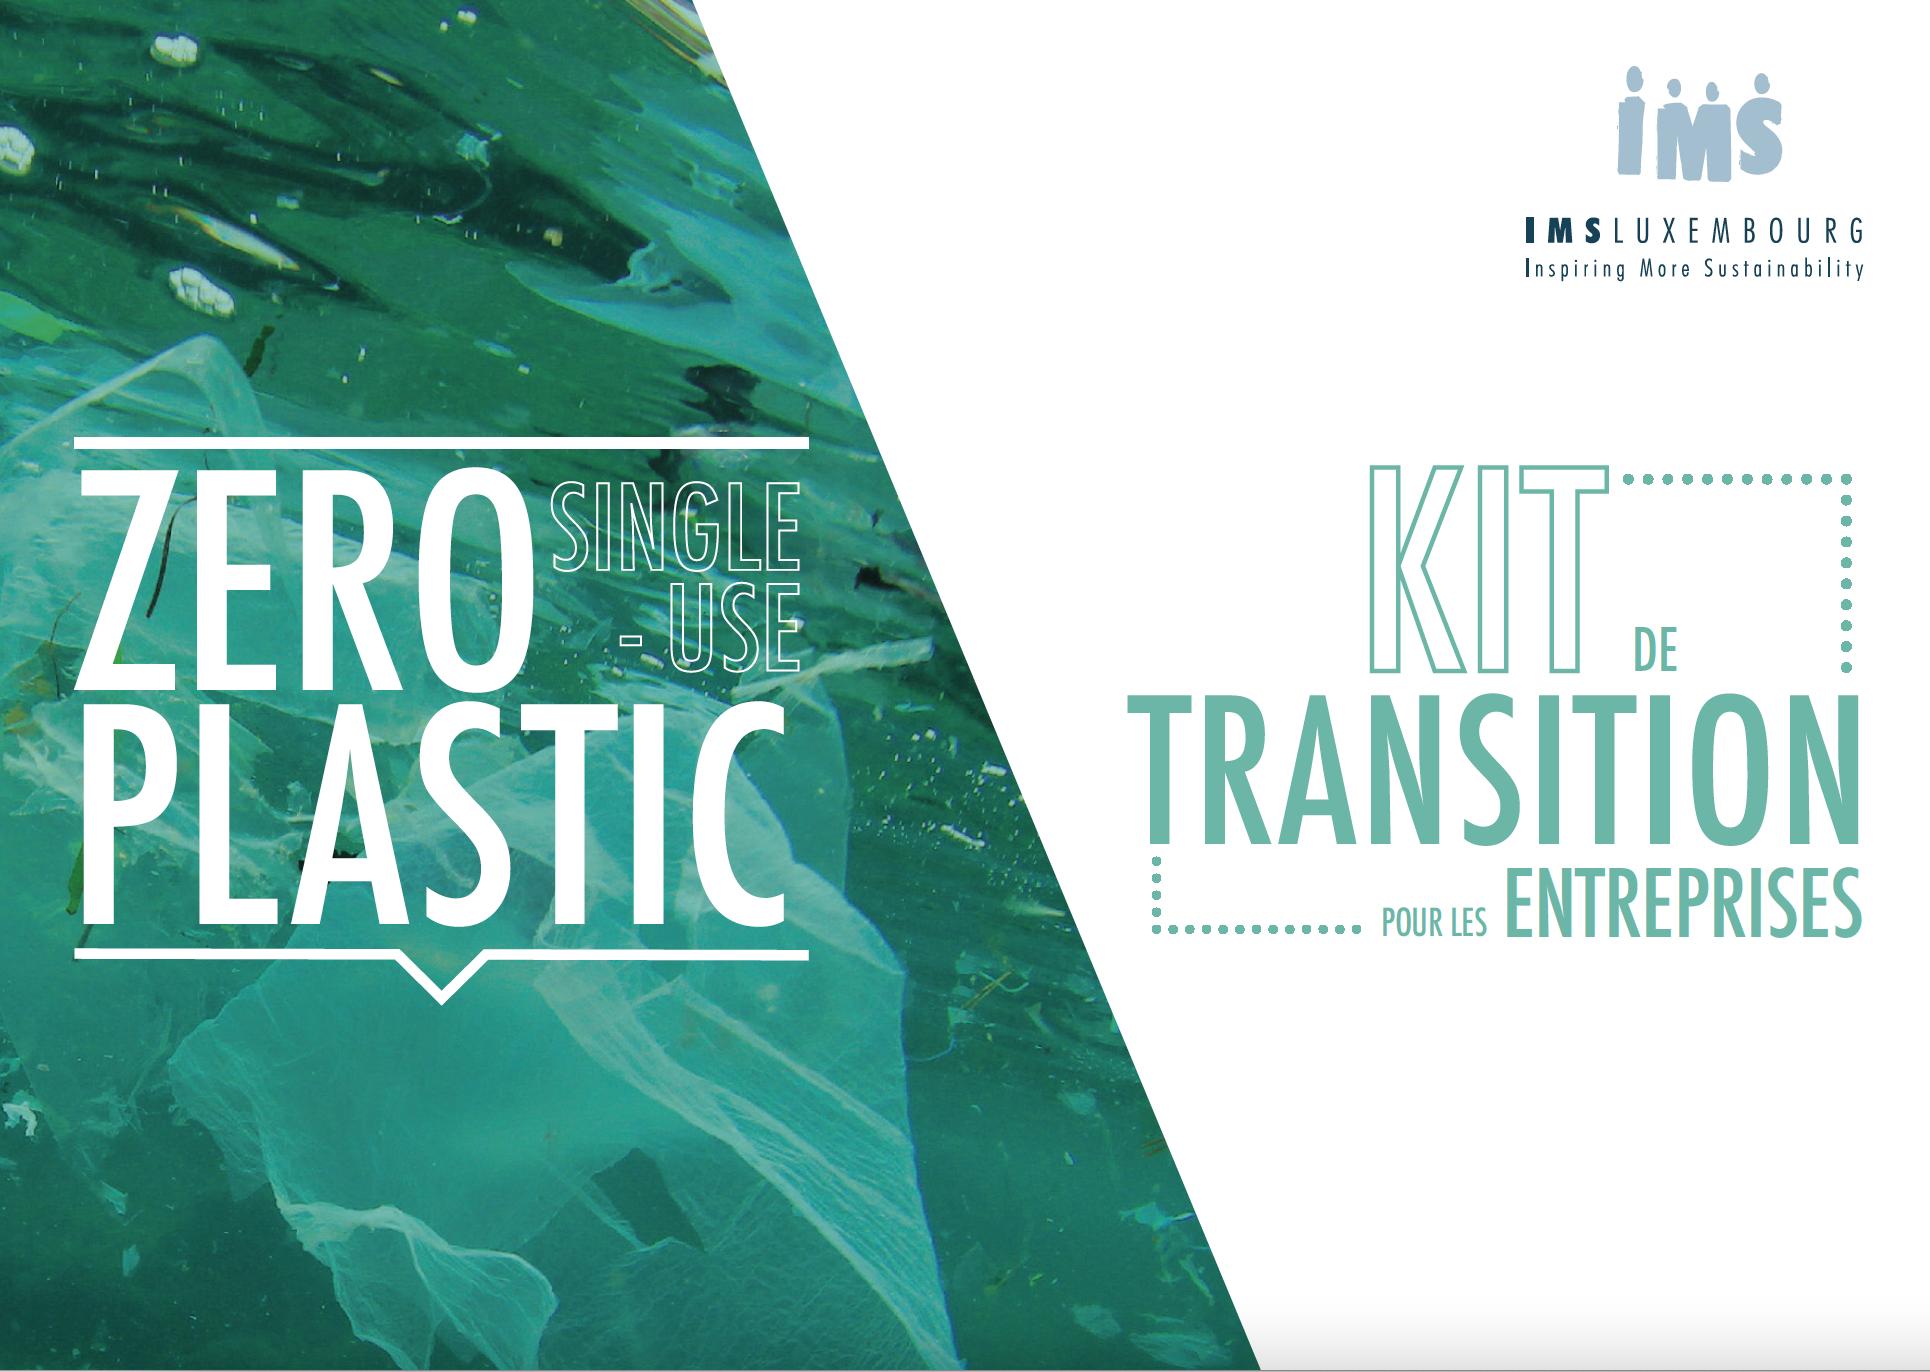 Kit de transition pour les entreprises